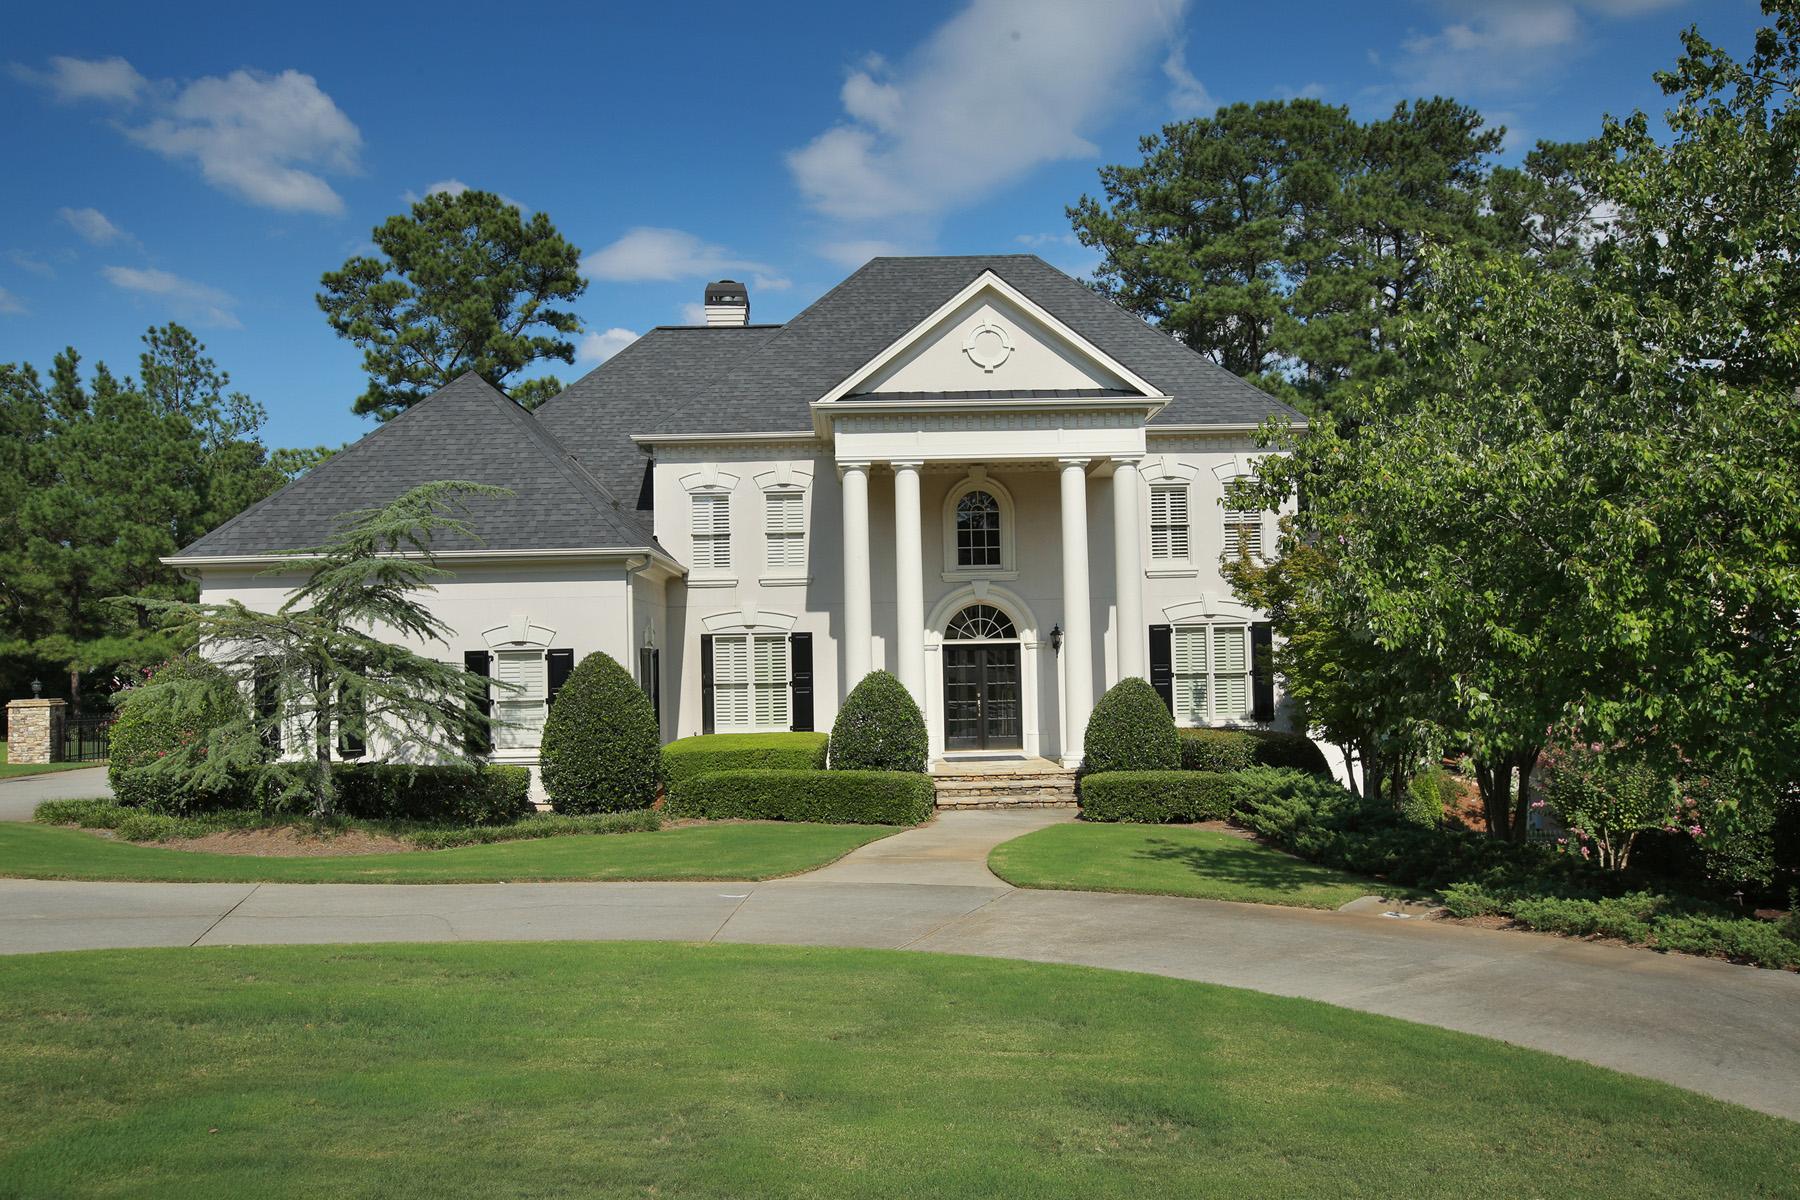 Tek Ailelik Ev için Satış at Fabulous Grande Home On The Golf Course! 8035 Royal Saint Georges Lane Duluth, Georgia, 30097 Amerika Birleşik Devletleri